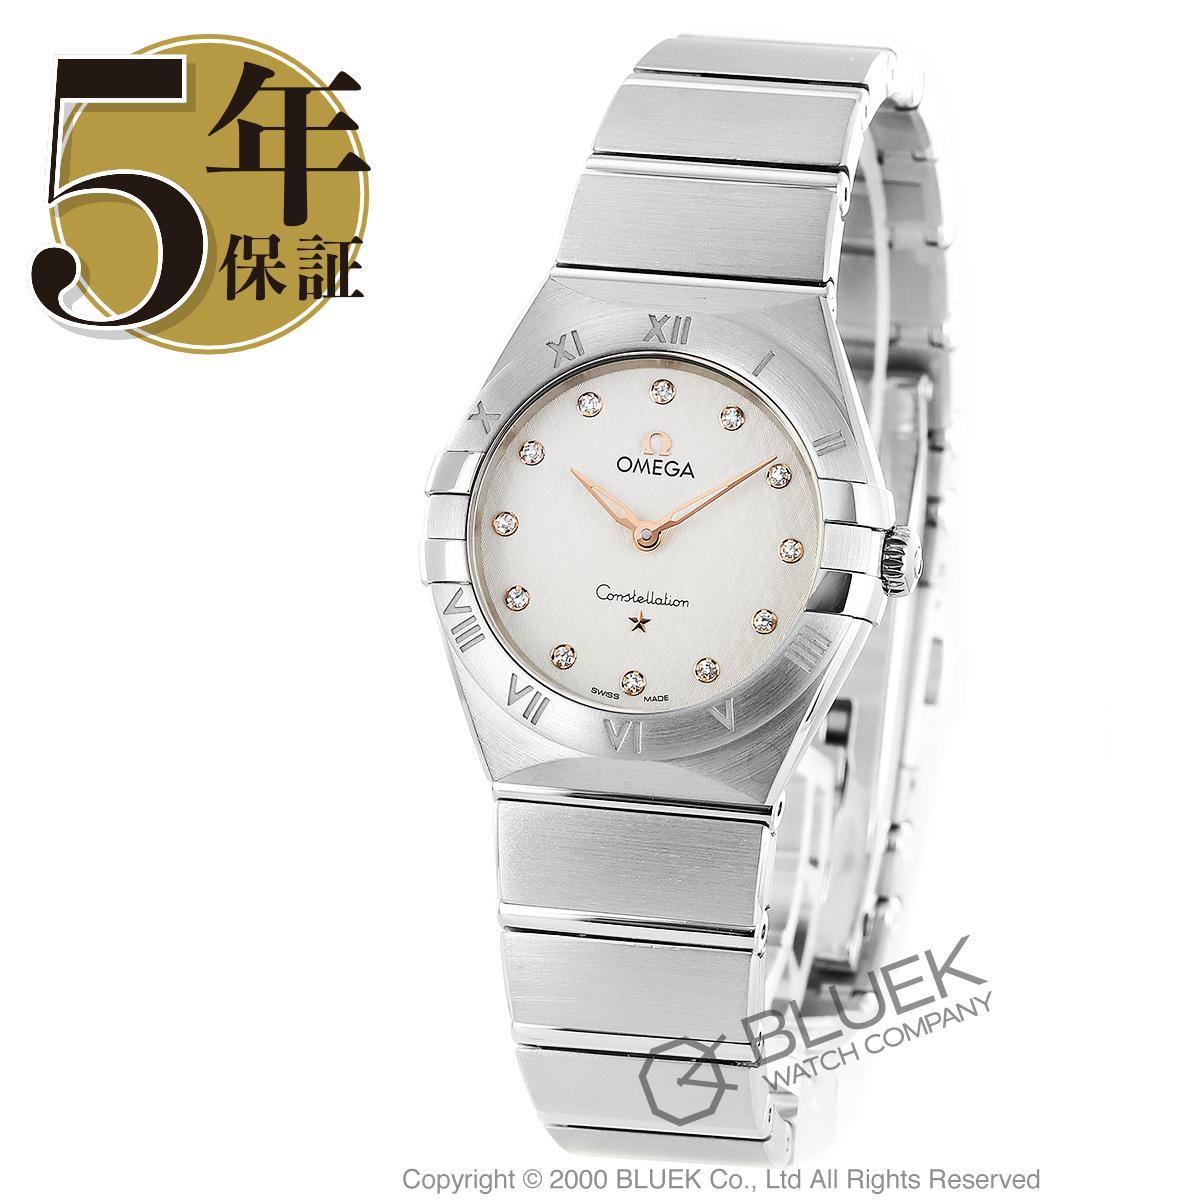 オメガ コンステレーション マンハッタン ダイヤ 腕時計 レディース OMEGA 131.10.28.60.52.001_8